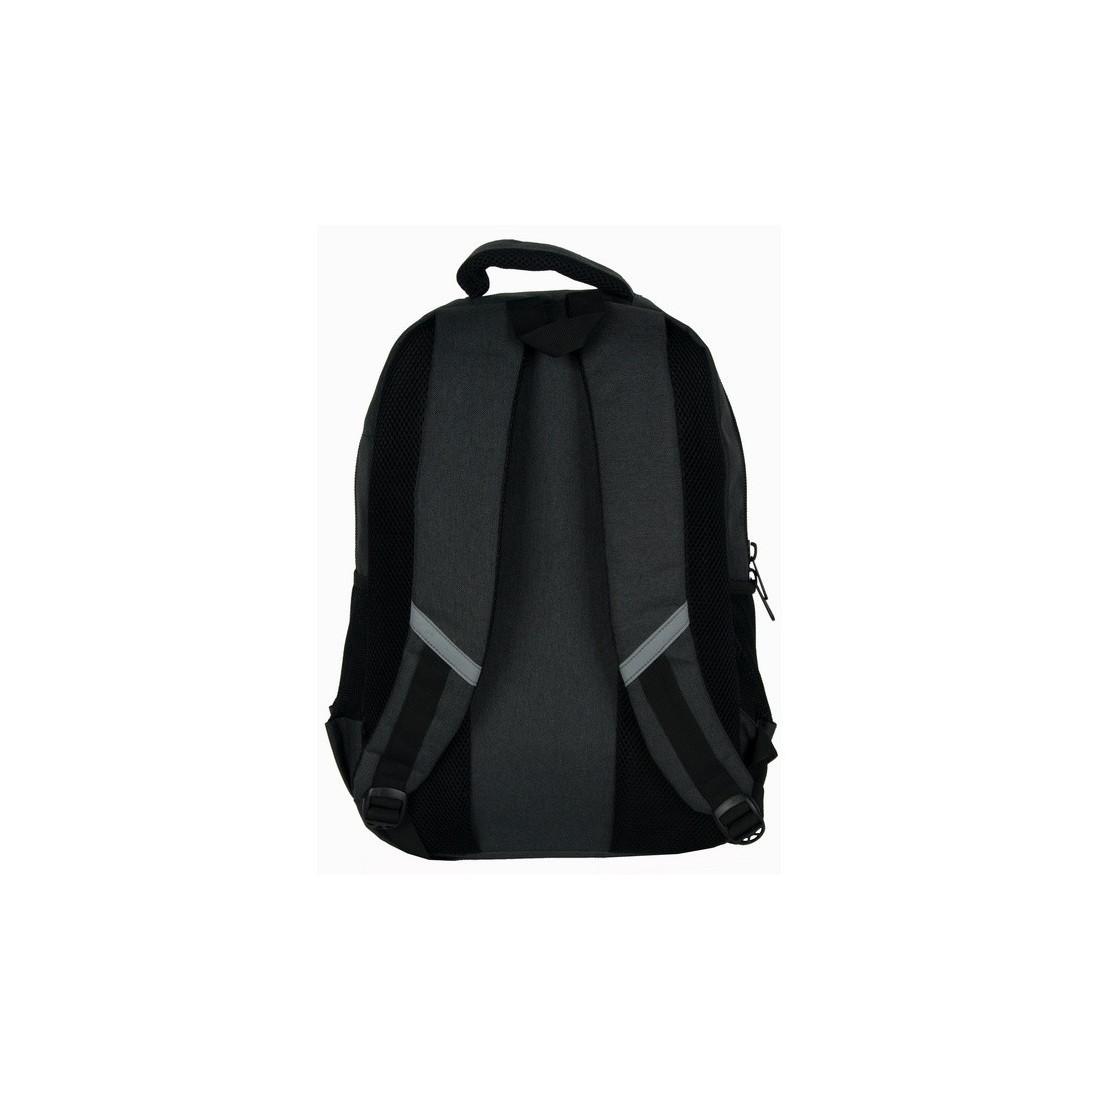 Plecak młodzieżowy czarny original collection - plecak-tornister.pl